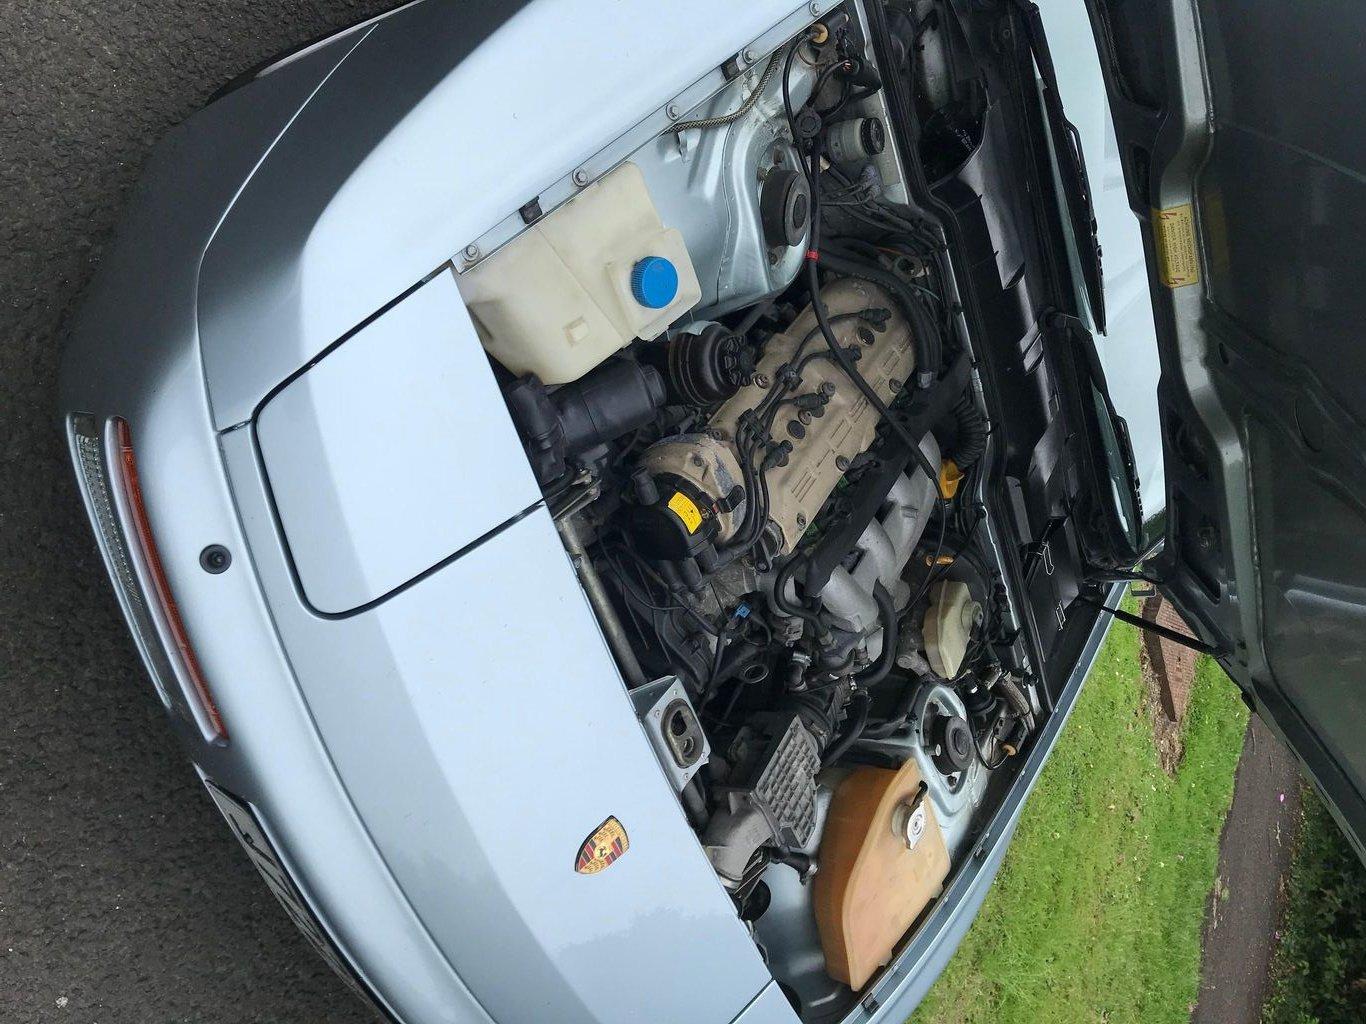 1991 Superb Porsche Cabriolet econom 3.0 16v 4-Cylinder For Sale (picture 2 of 11)